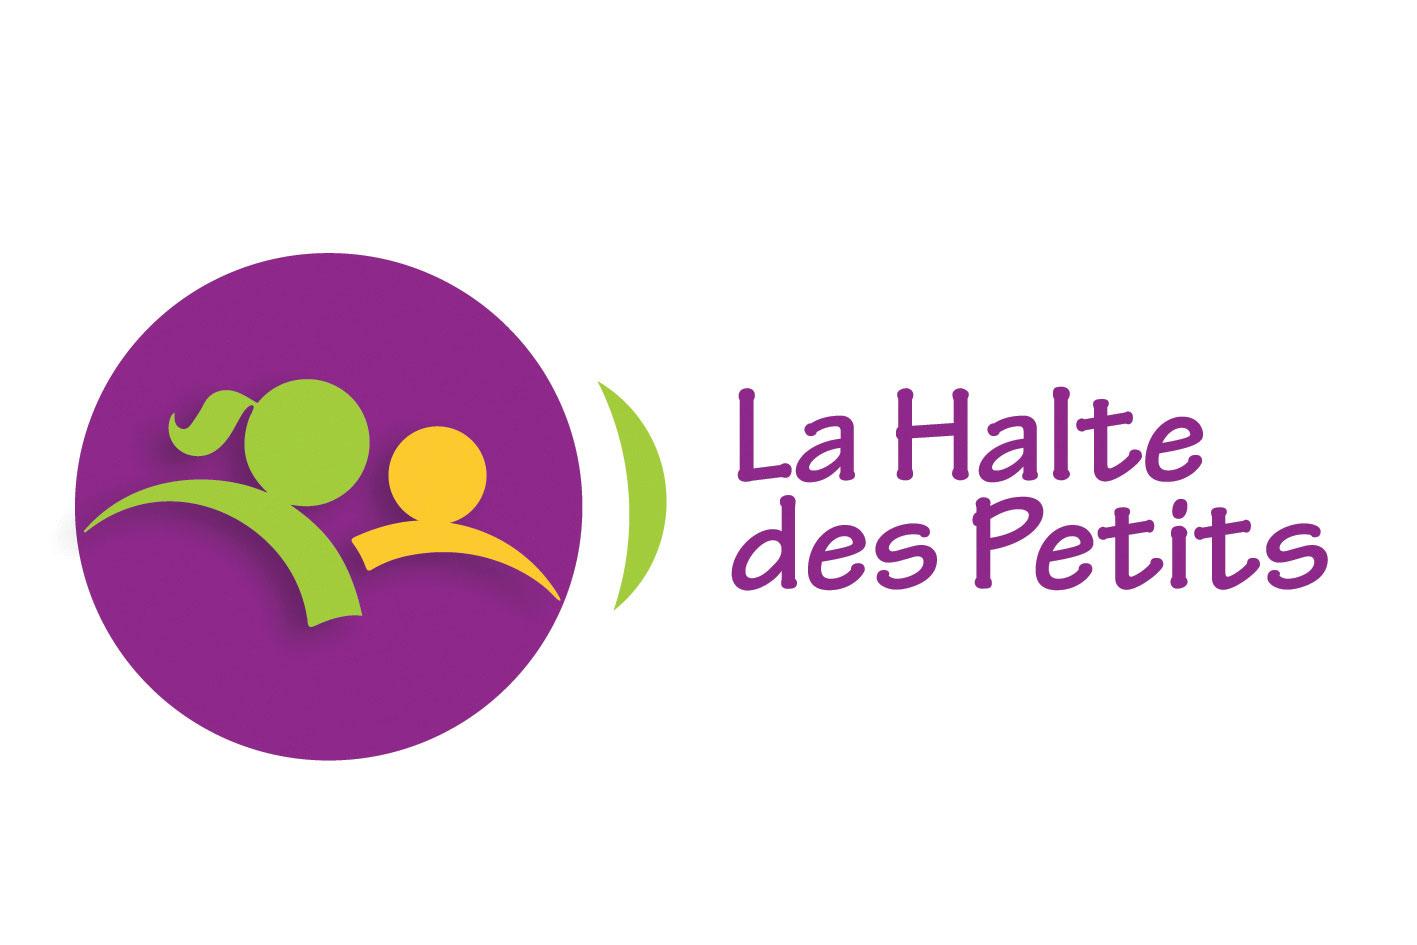 La Halte des Petits - Fondation Poidatz